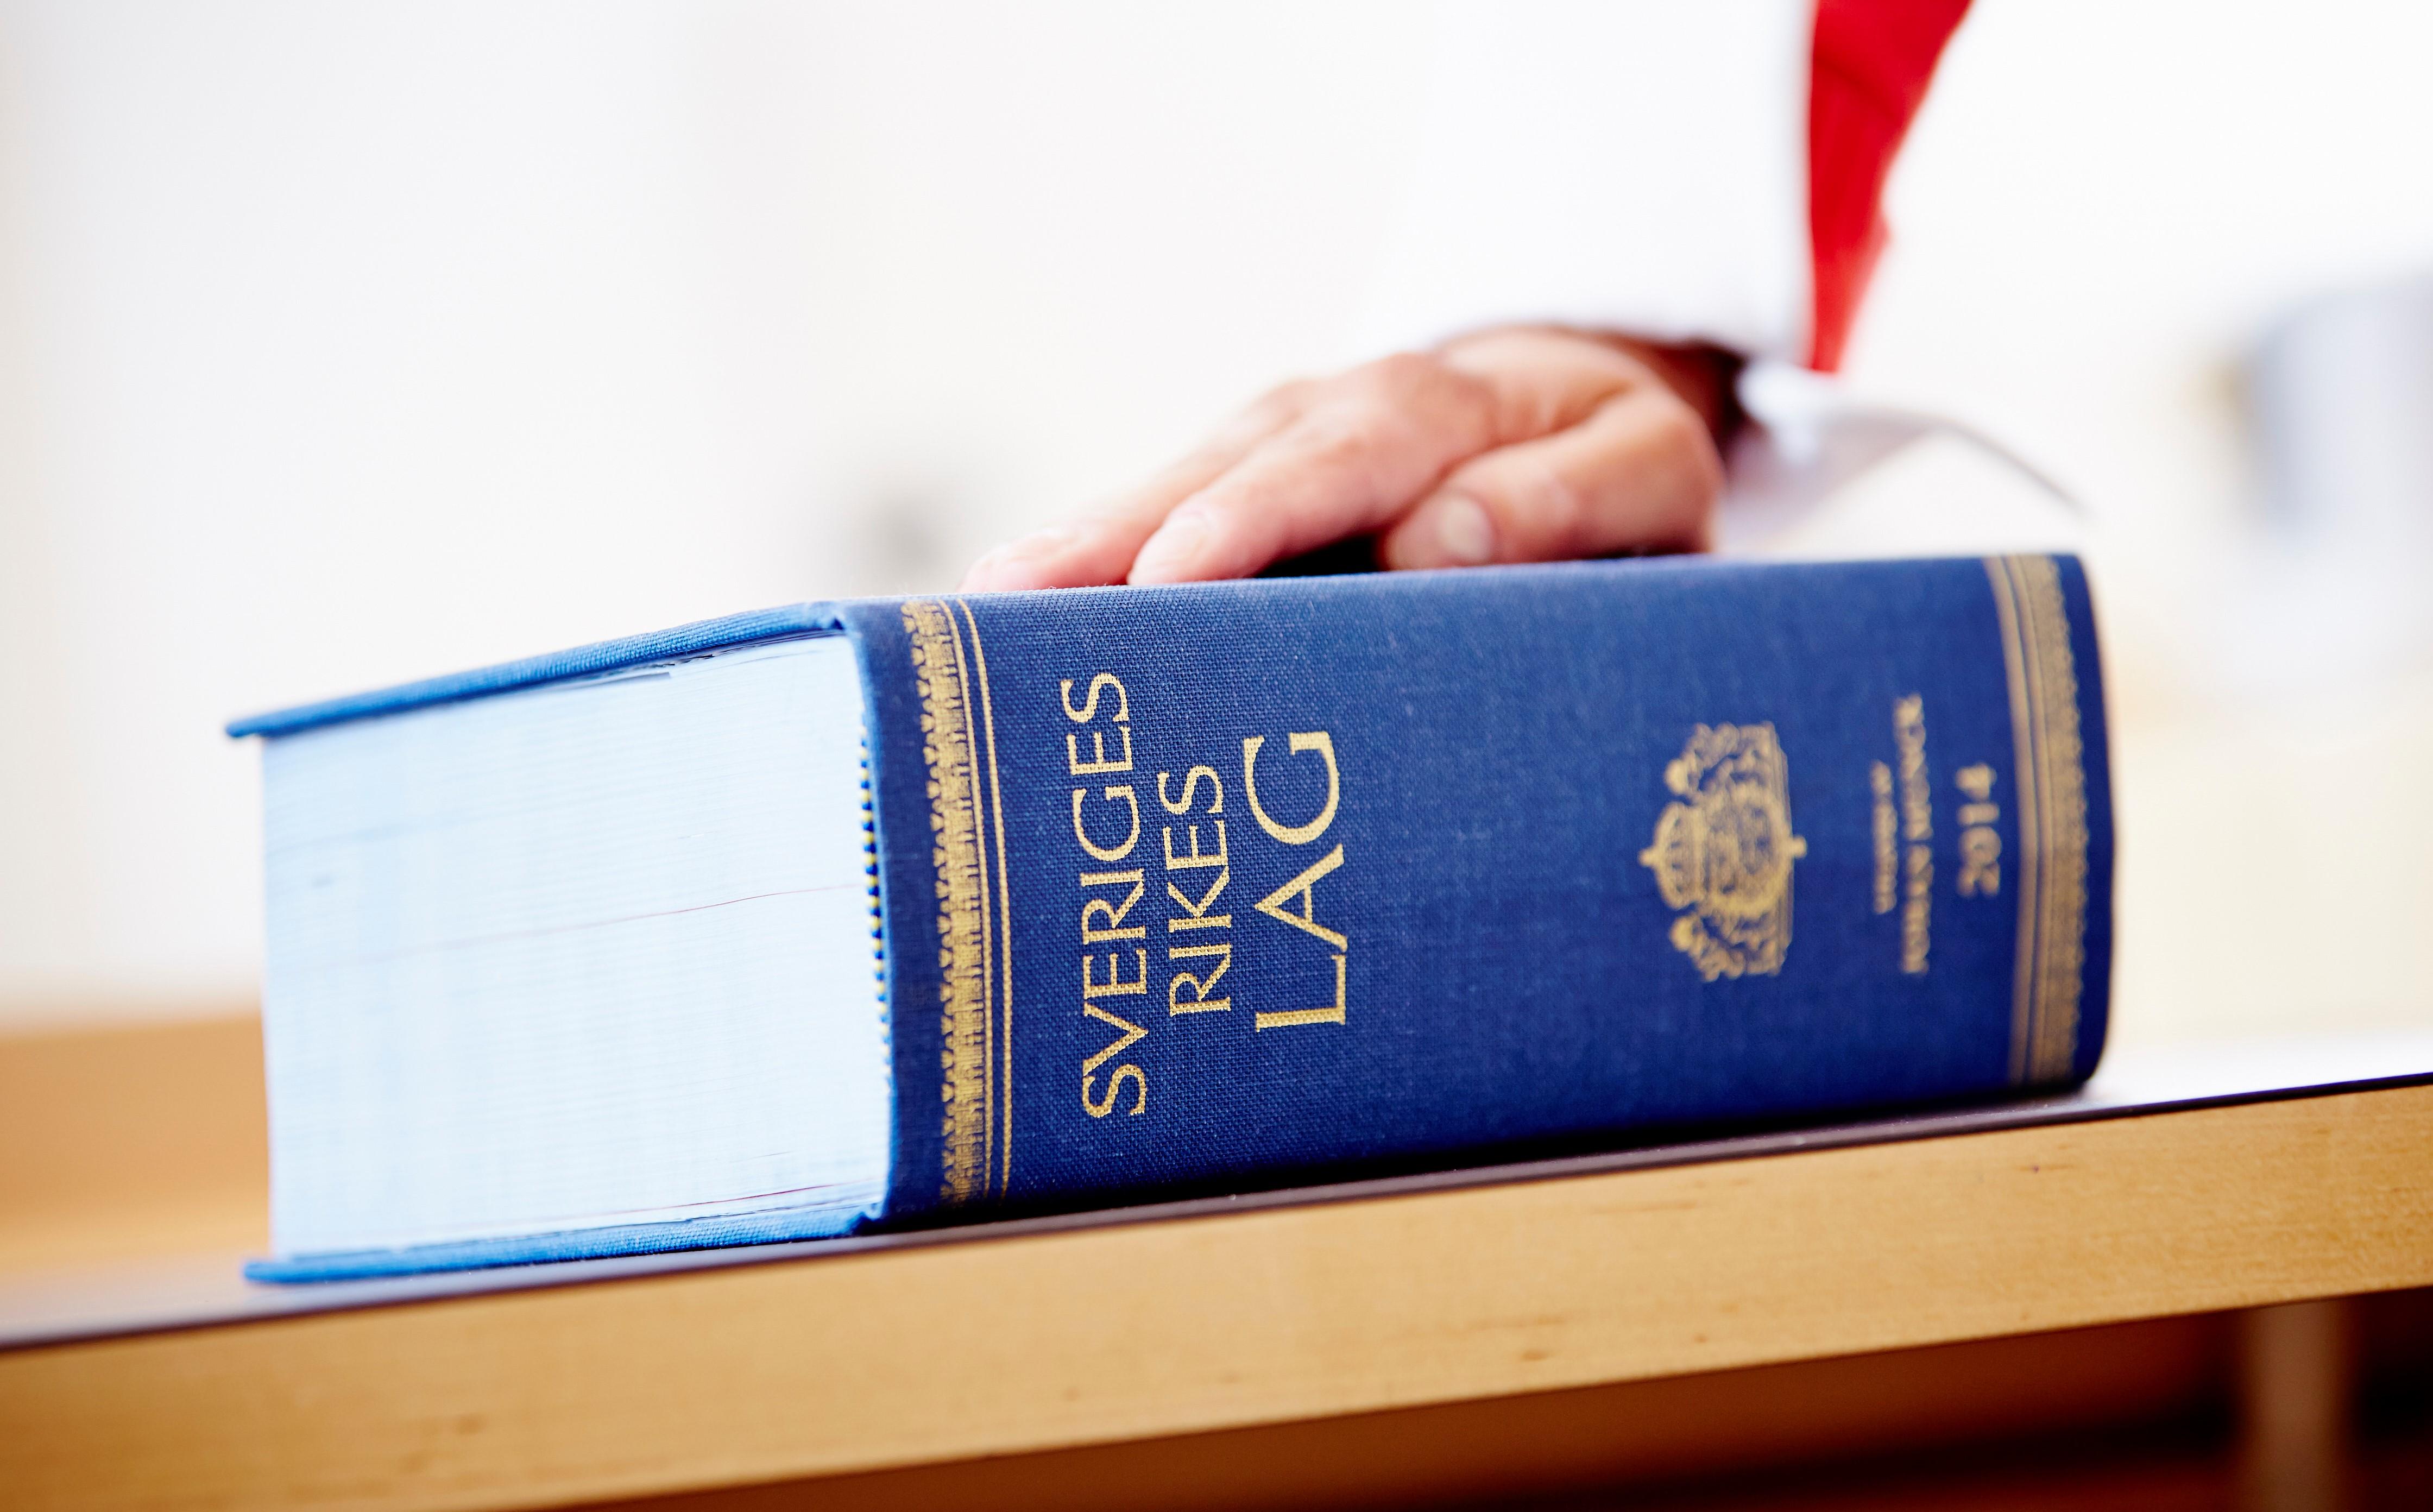 Anbud365: Gjorde tilleggsavtale etter kontraktinngåelse, men godtgjorde ikke godt nok hvorfor